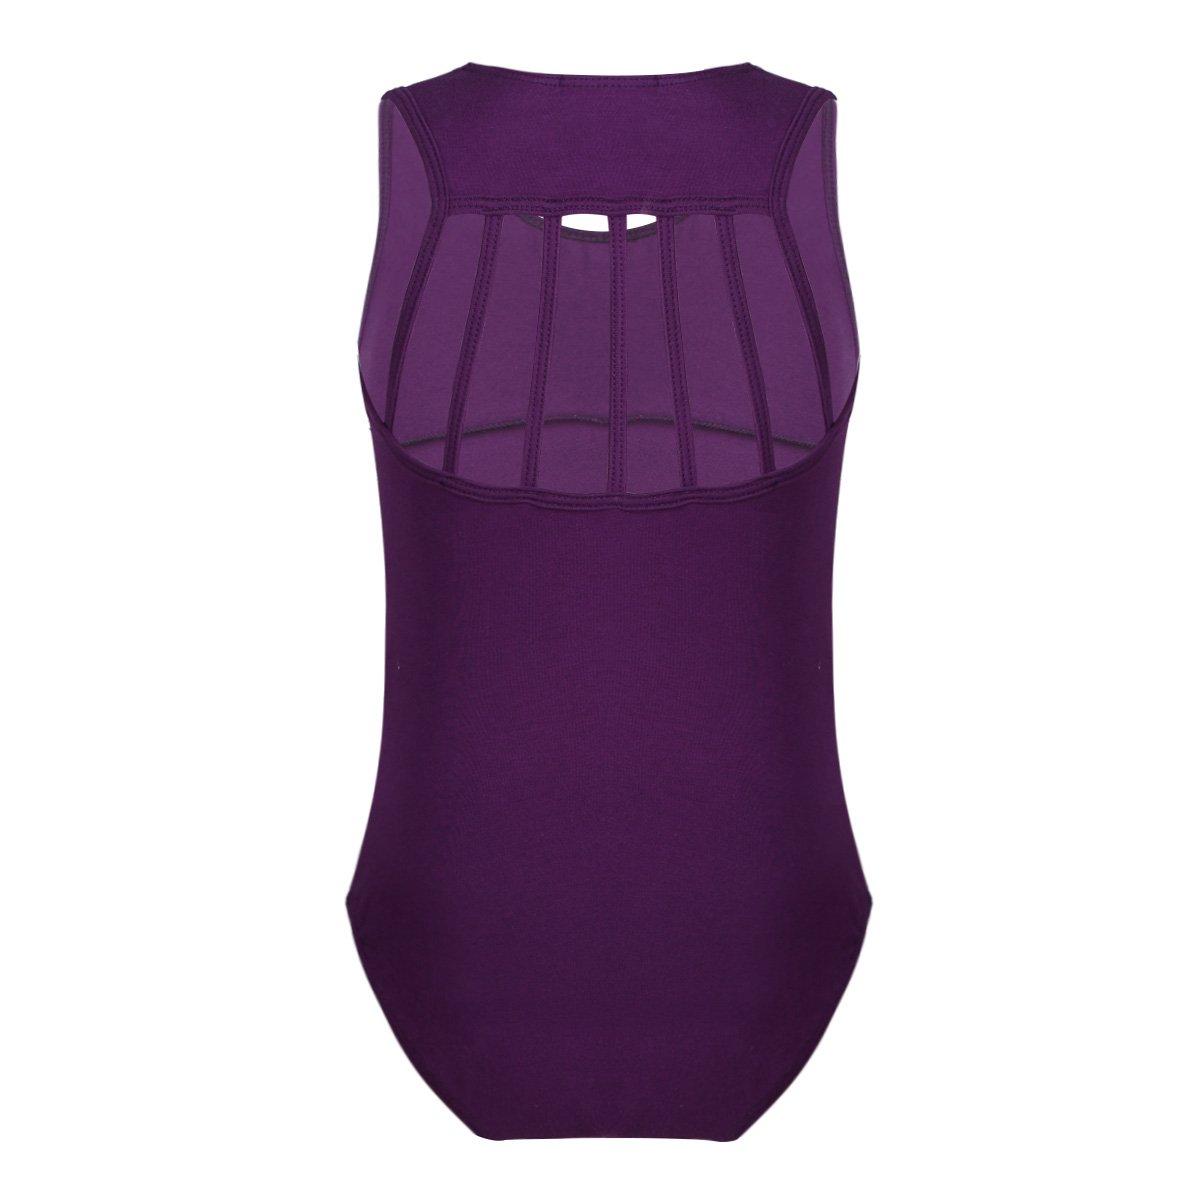 【訳あり】 CHICTRY SOCKSHOSIERY ガールズ 43528 B07CG6ZS55 3/ 4|Seven SOCKSHOSIERY Straps CHICTRY Dark Purple Seven Straps Dark Purple 43528, Green paradise観葉植物通販専門店:e5880ad7 --- profrcsharma.woxpedia.com